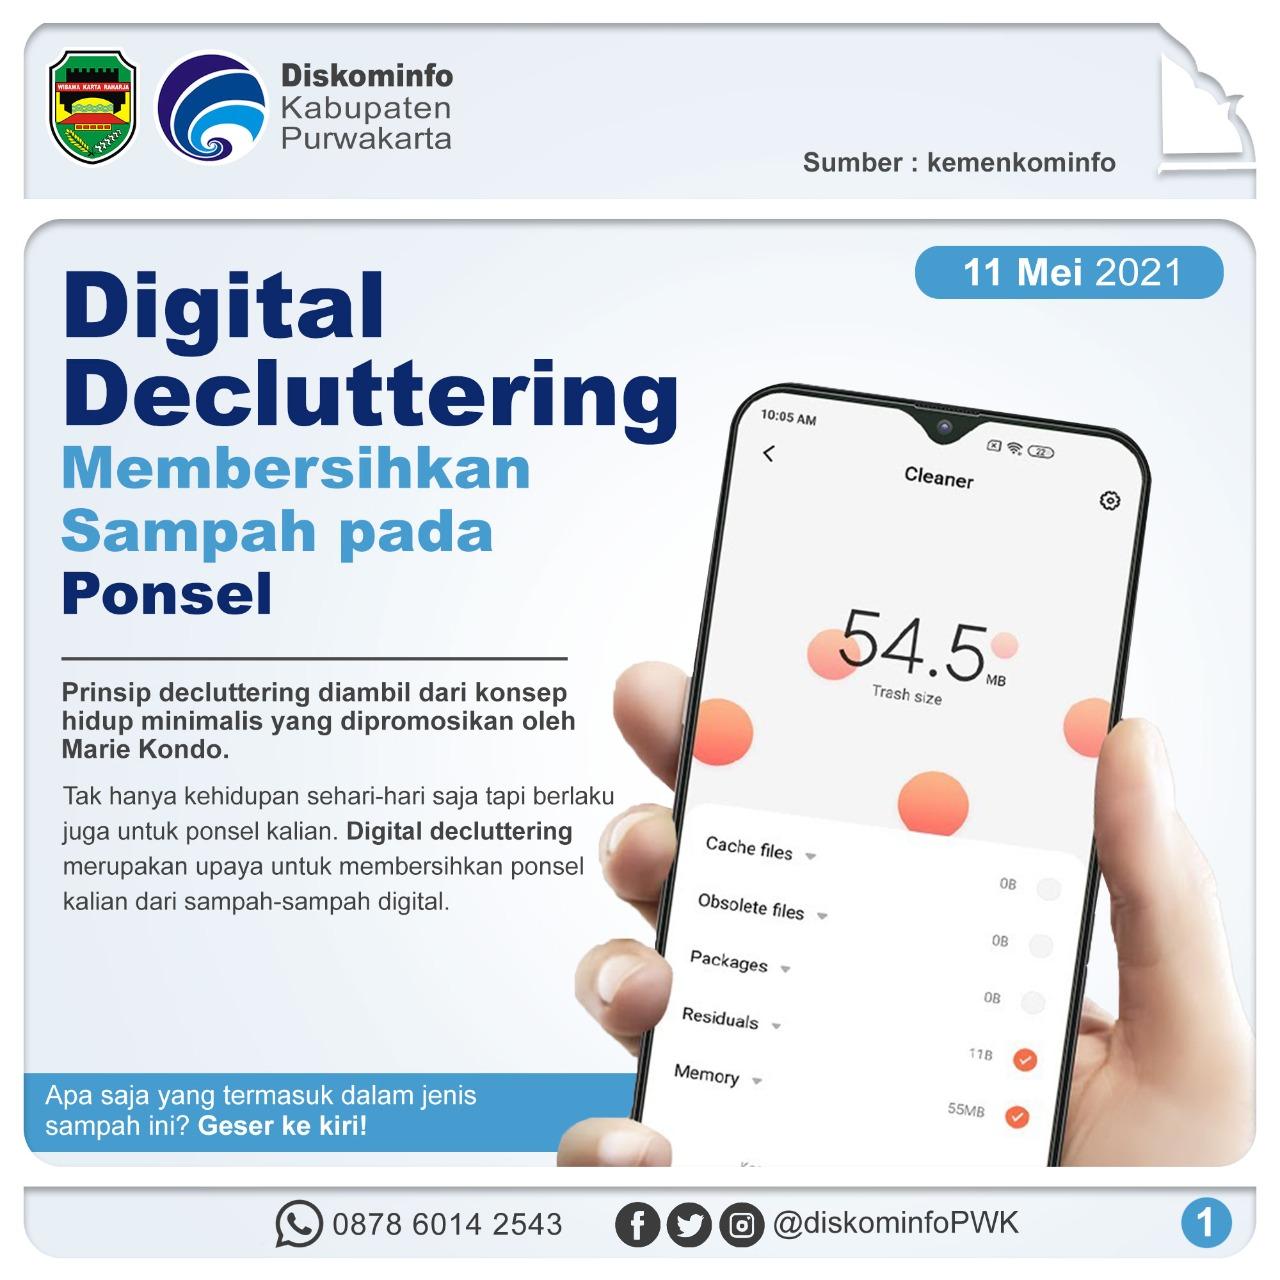 Digital Decluttering Membersihkan Sampah Pada Ponsel